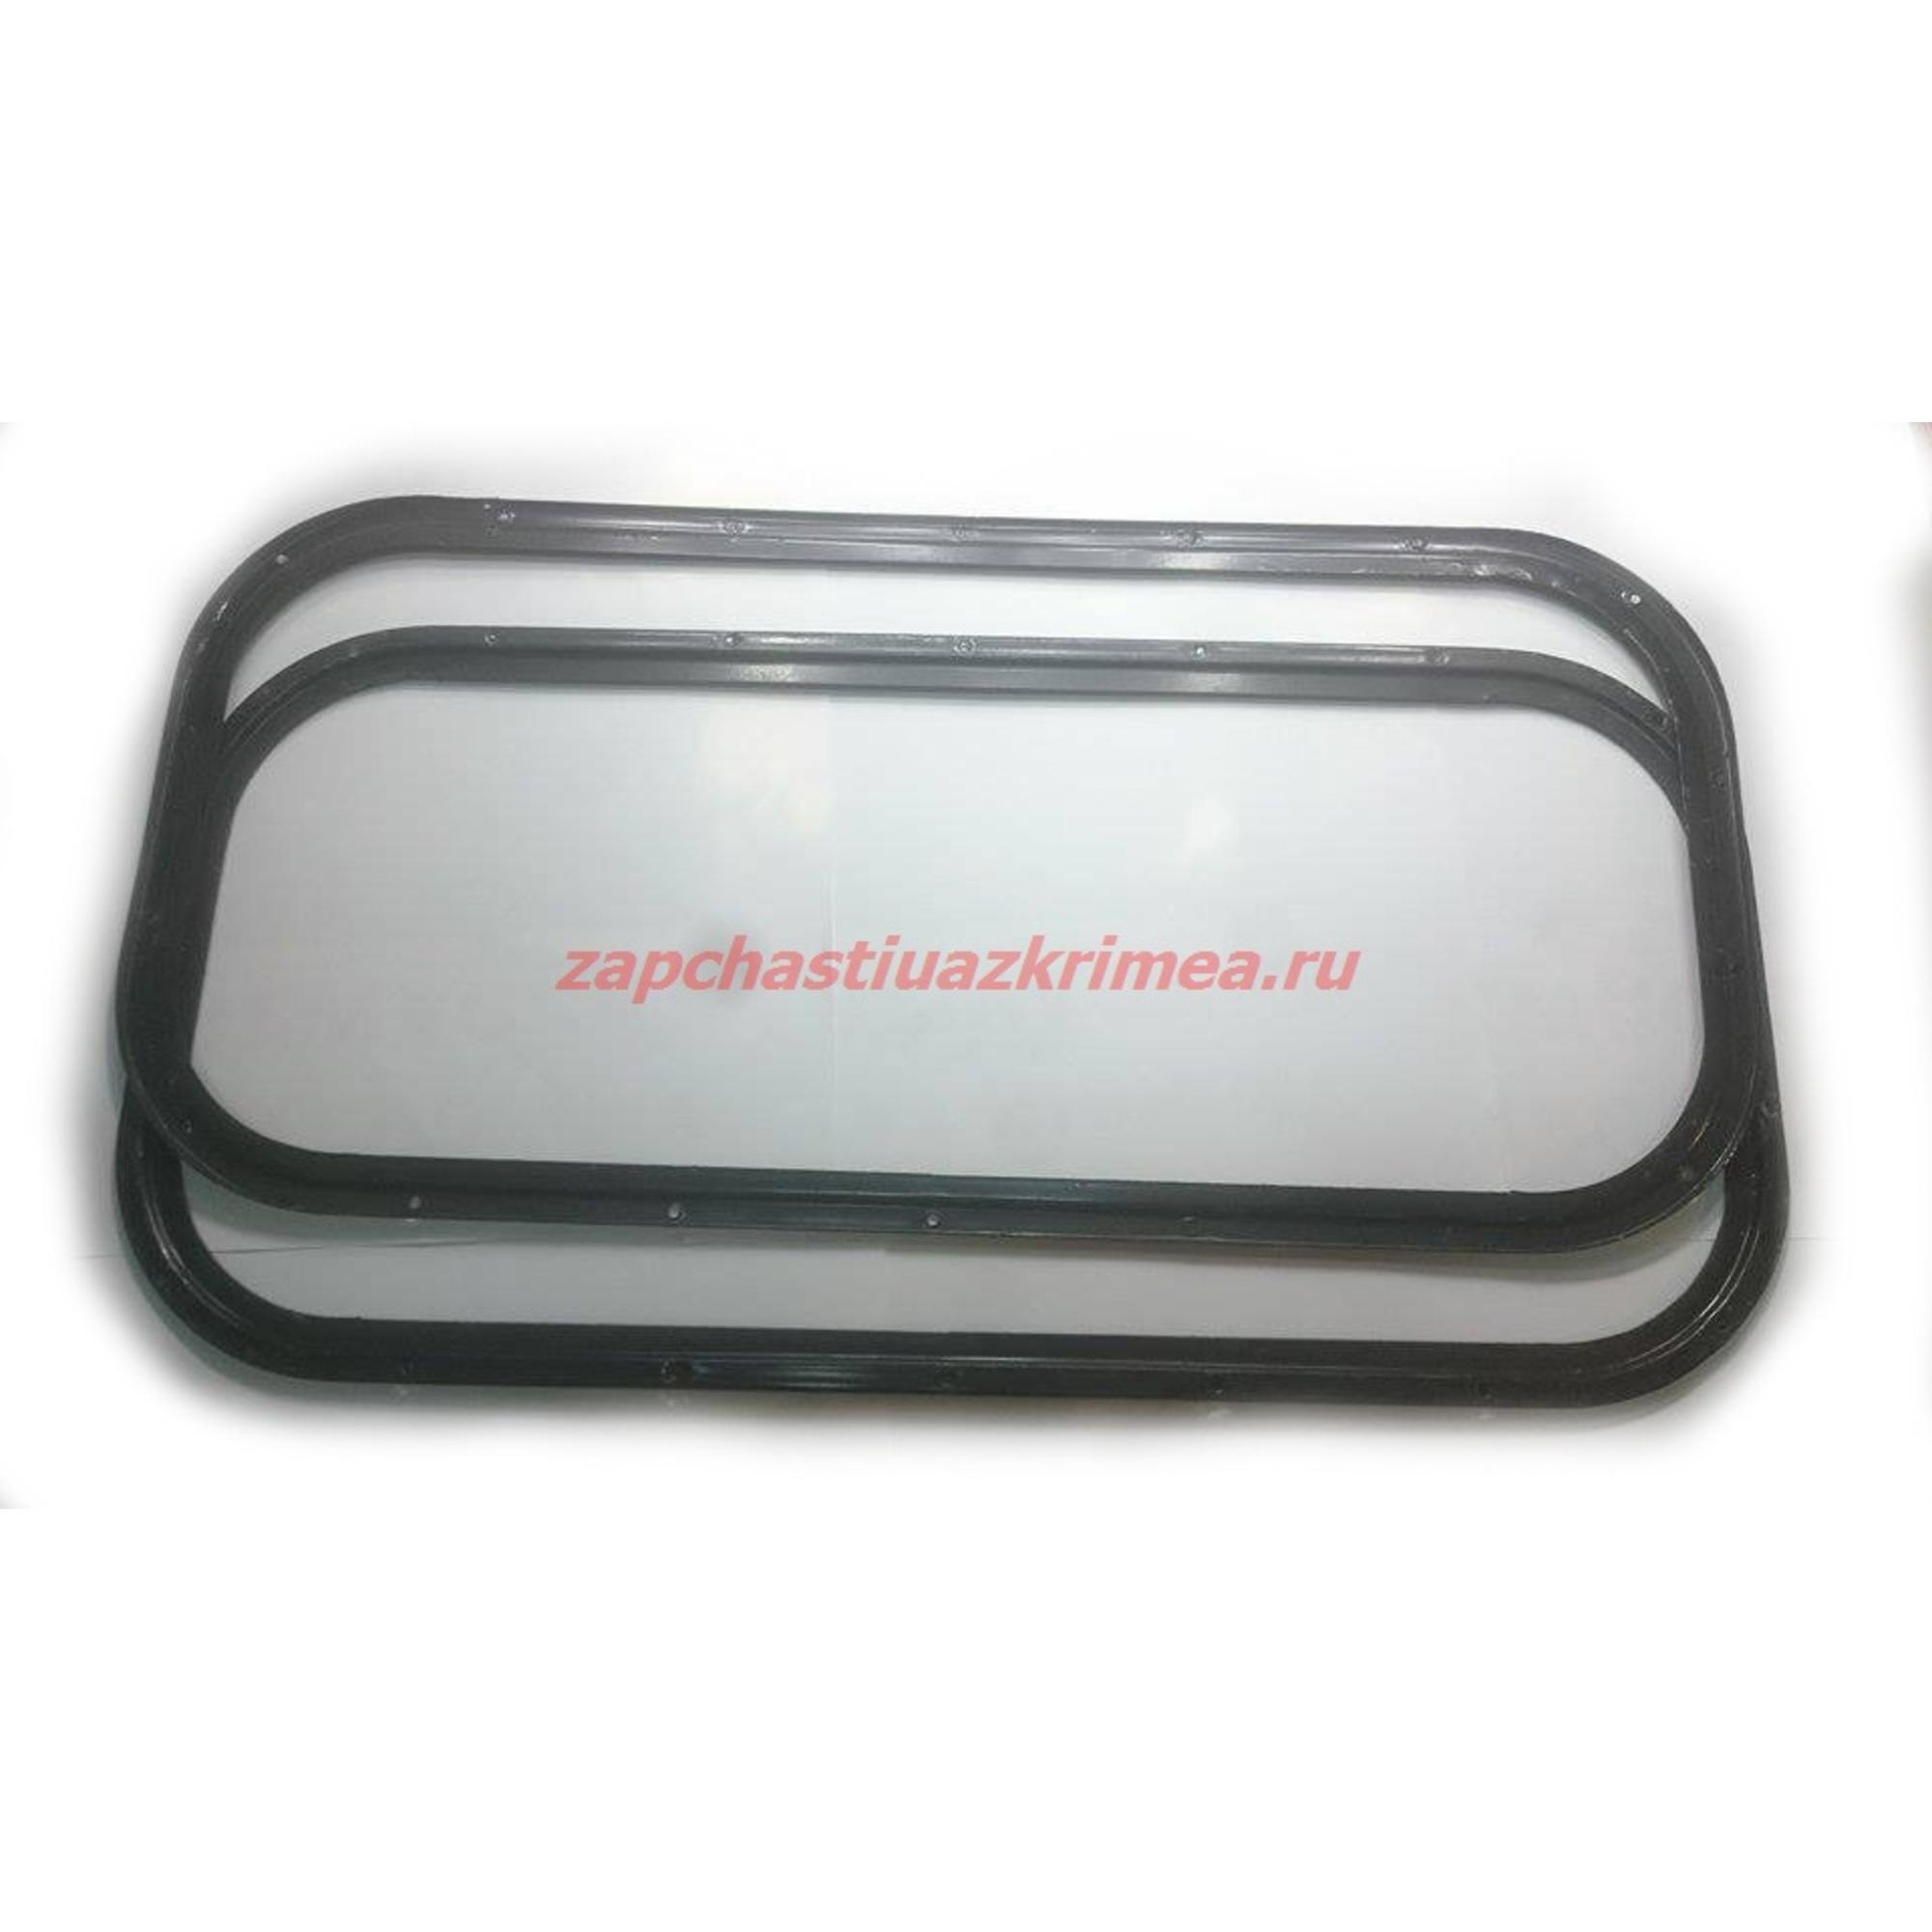 Стекло тента УАЗ 469 с Рамкой